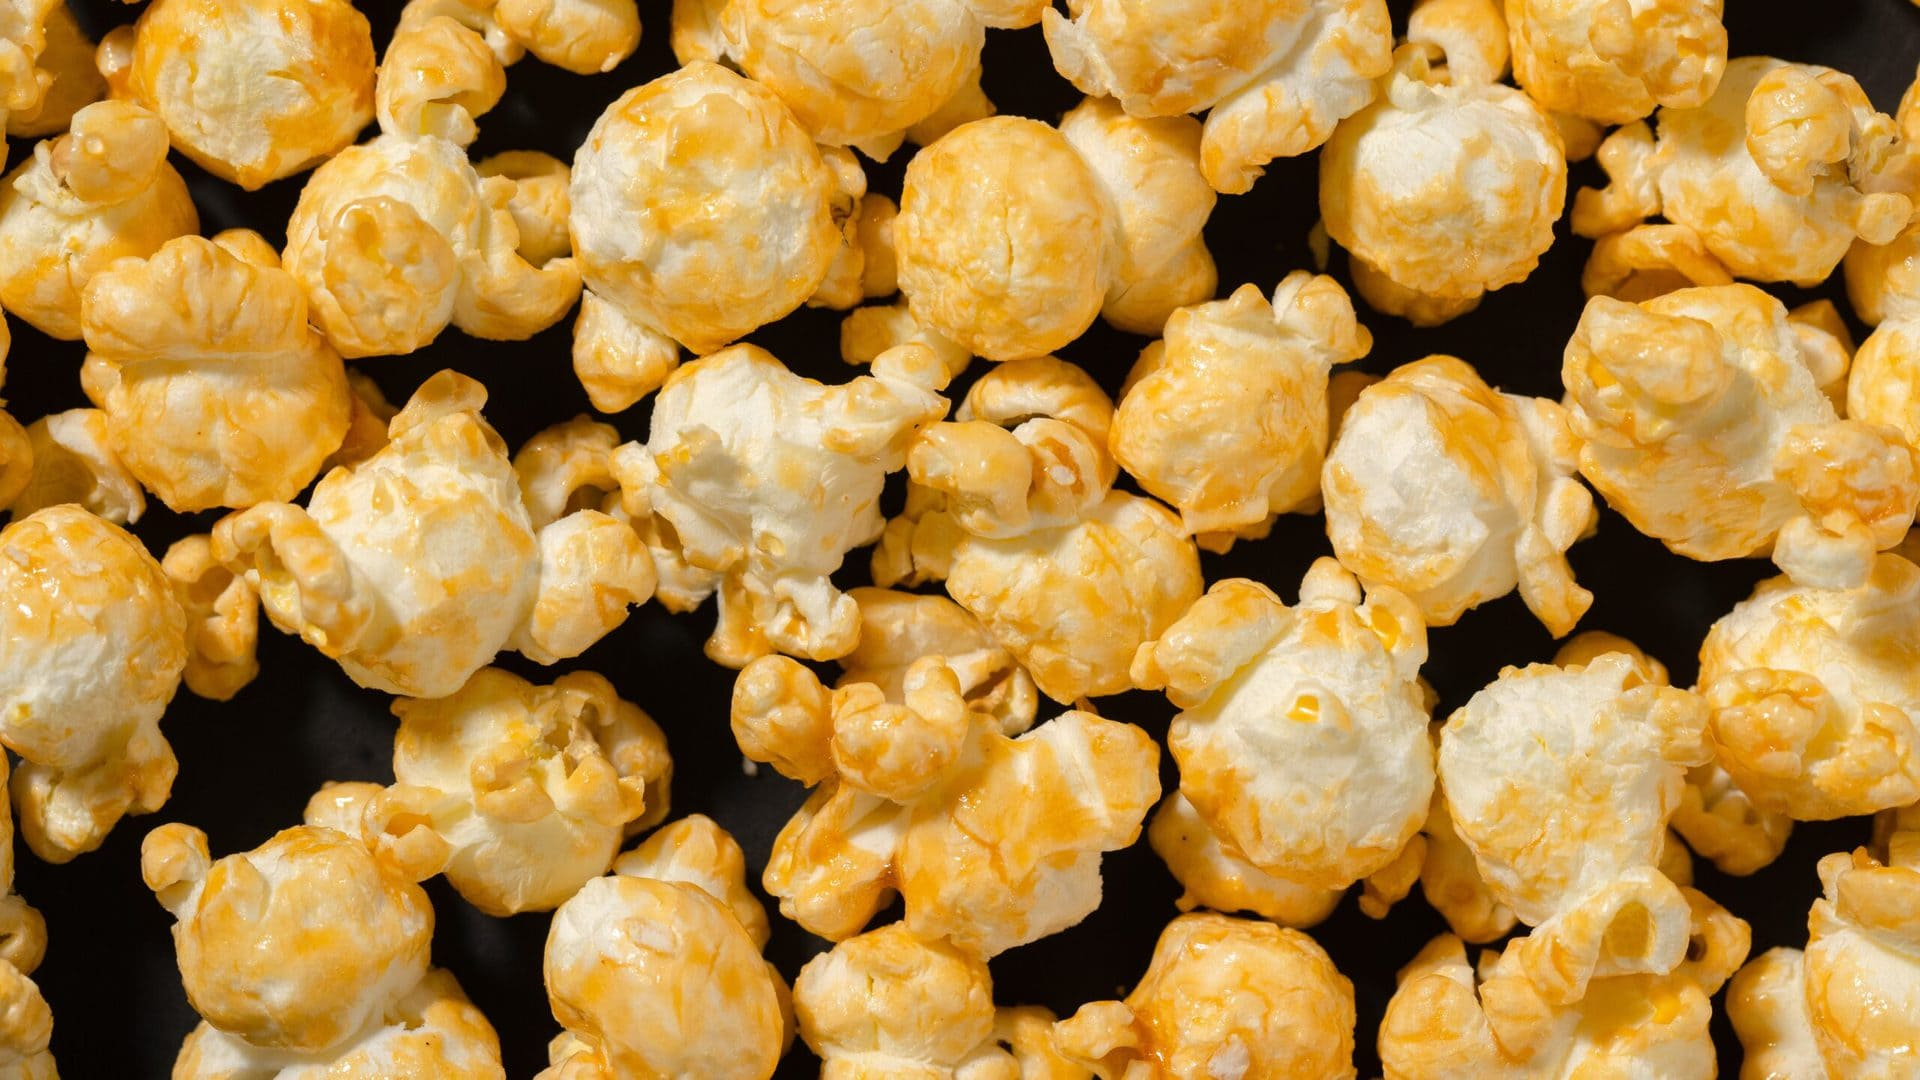 pexels - Popcorn - (c) Mikhail Nilov